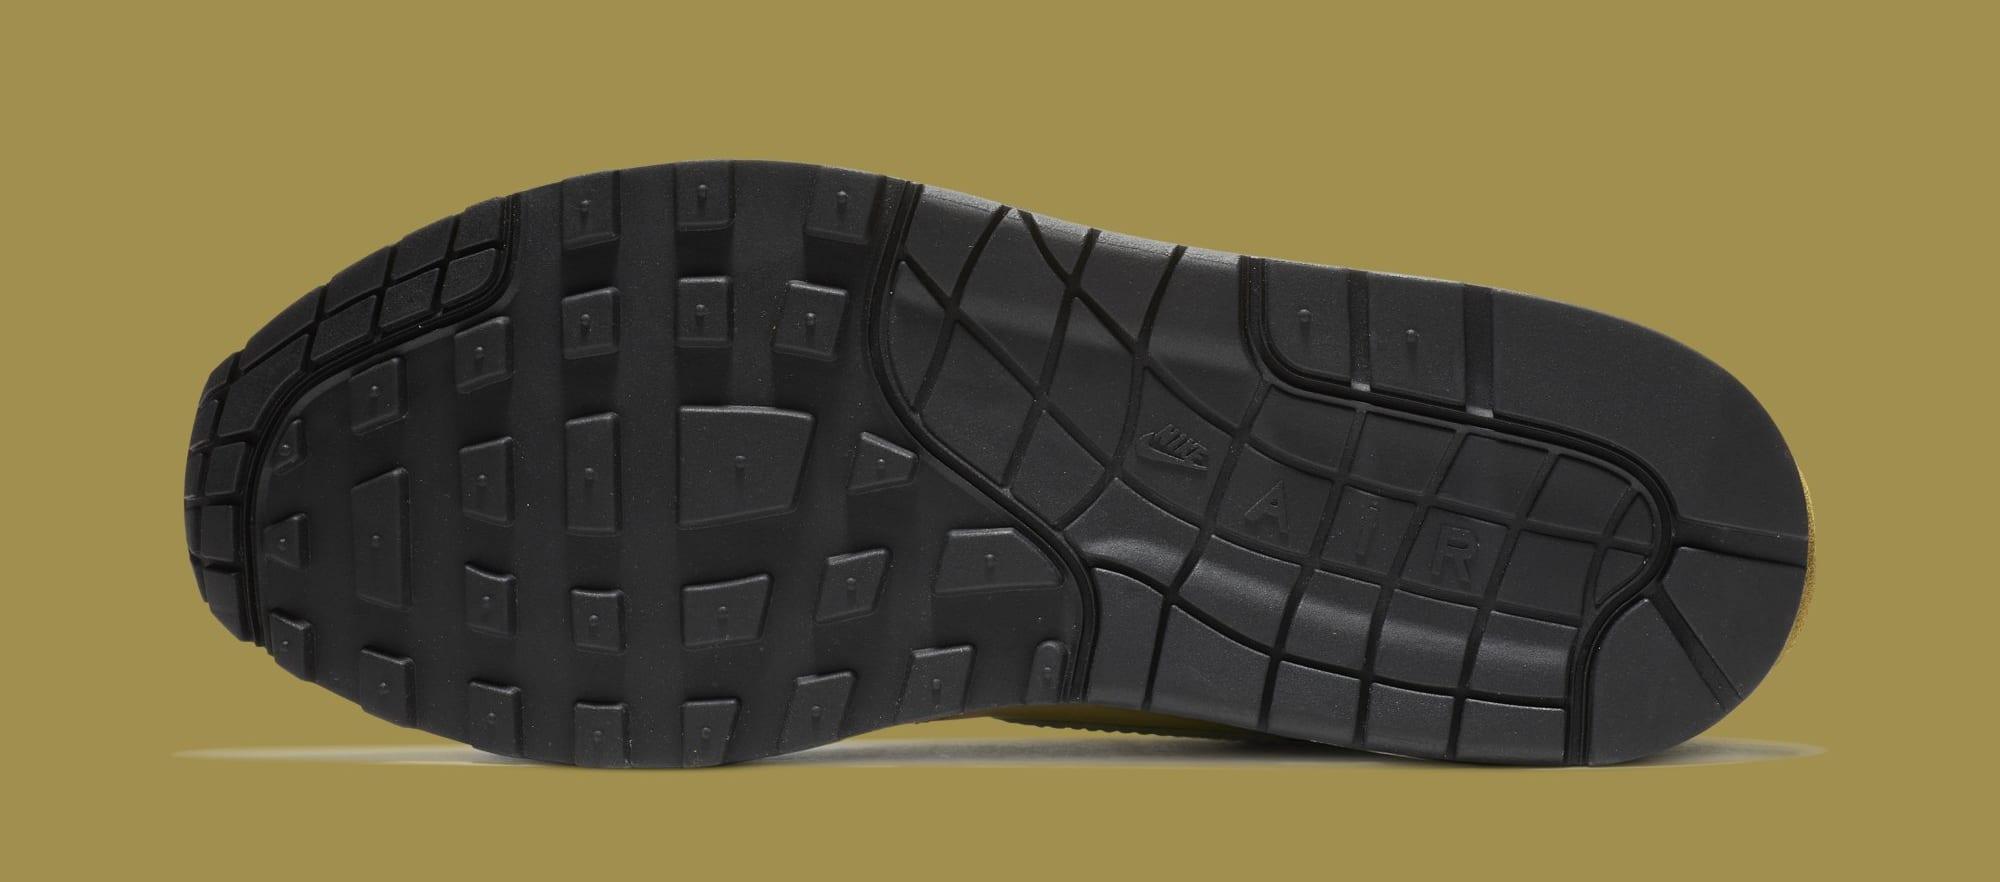 Atmos x Nike Air Max 1 'Green Curry' 908366-300 (Bottom)